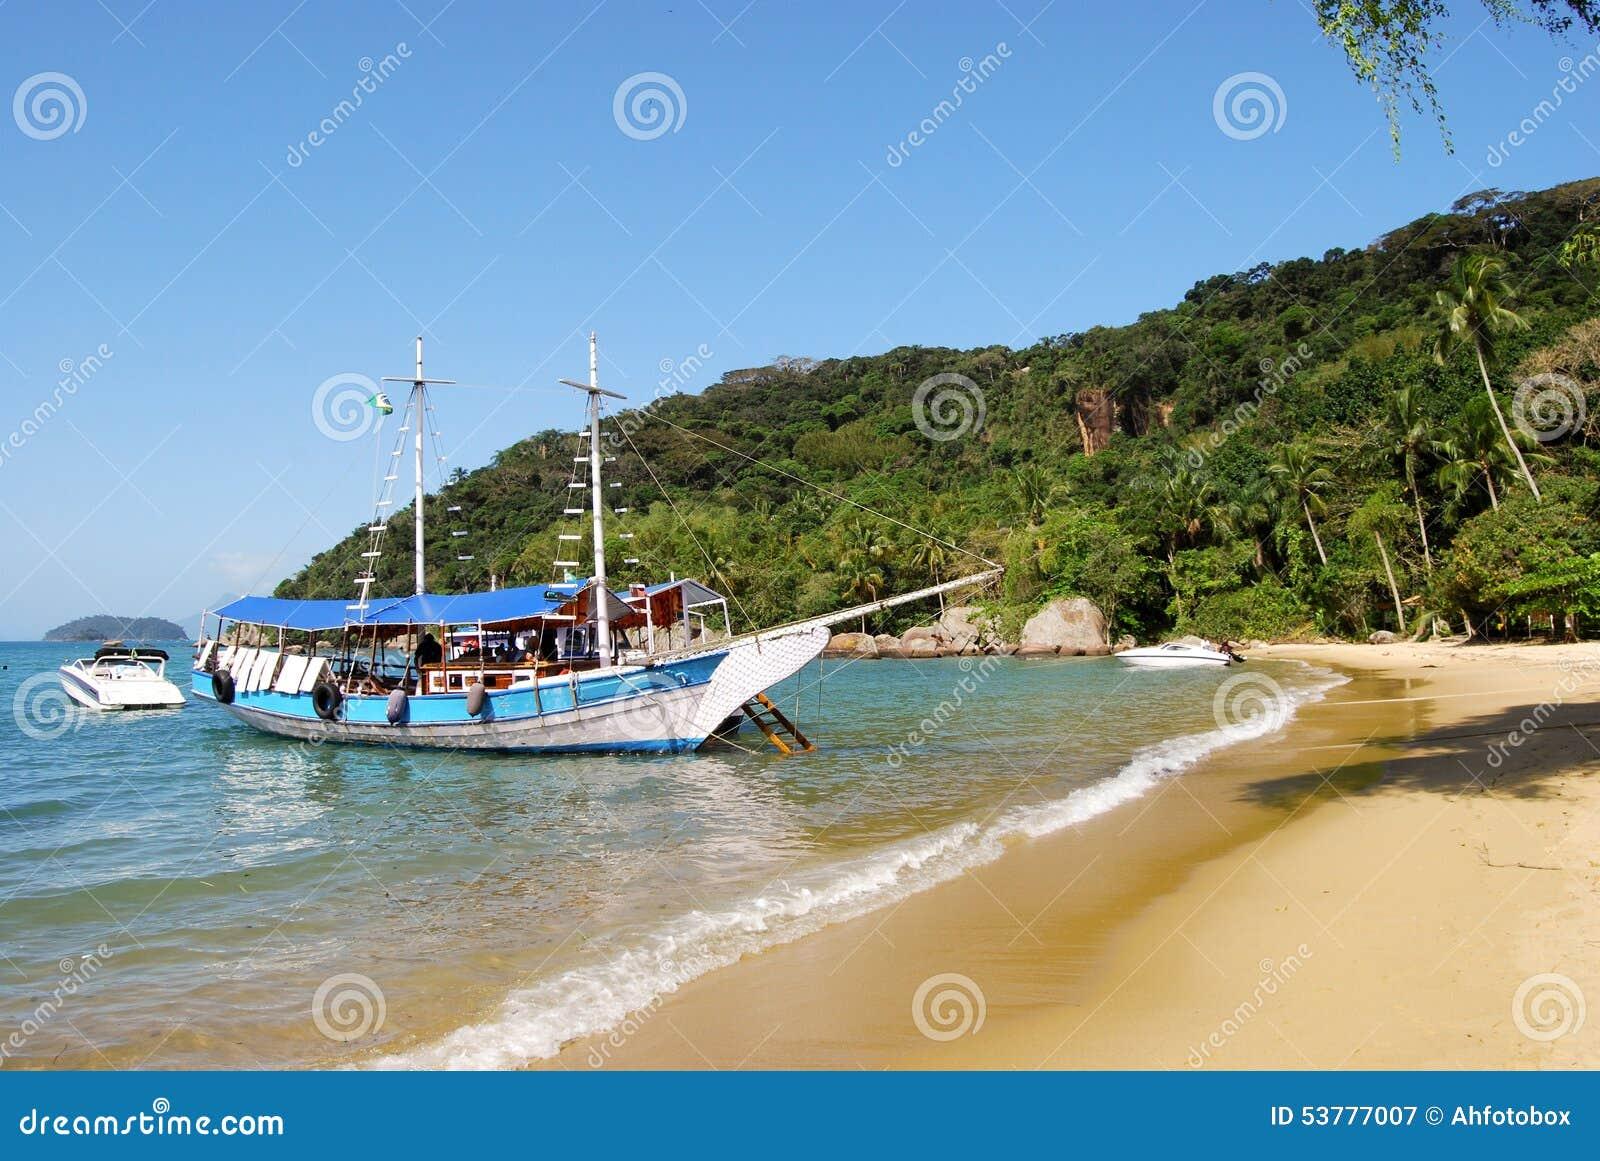 Ilha Grande: Zeilboot bij kustlijn dichtbij Praia-Sprongen Mendes, Rio de Janeiro-staat, Brazilië